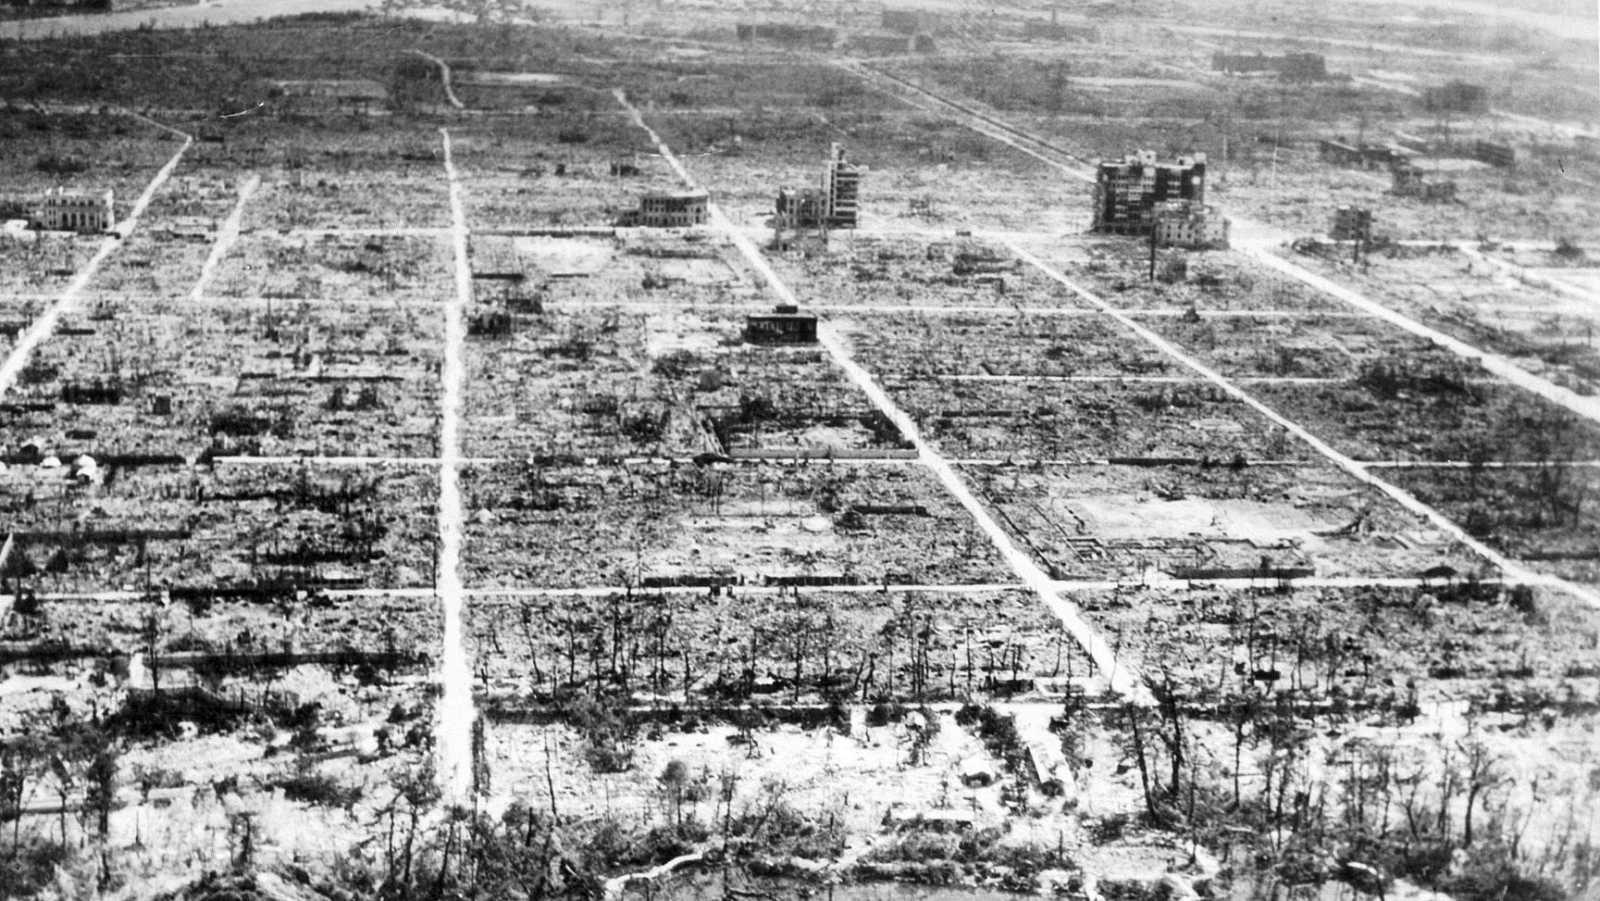 Vista aérea de Hiroshima, totalmente arrasada tras el lanzamiento de la bomba nuclear.